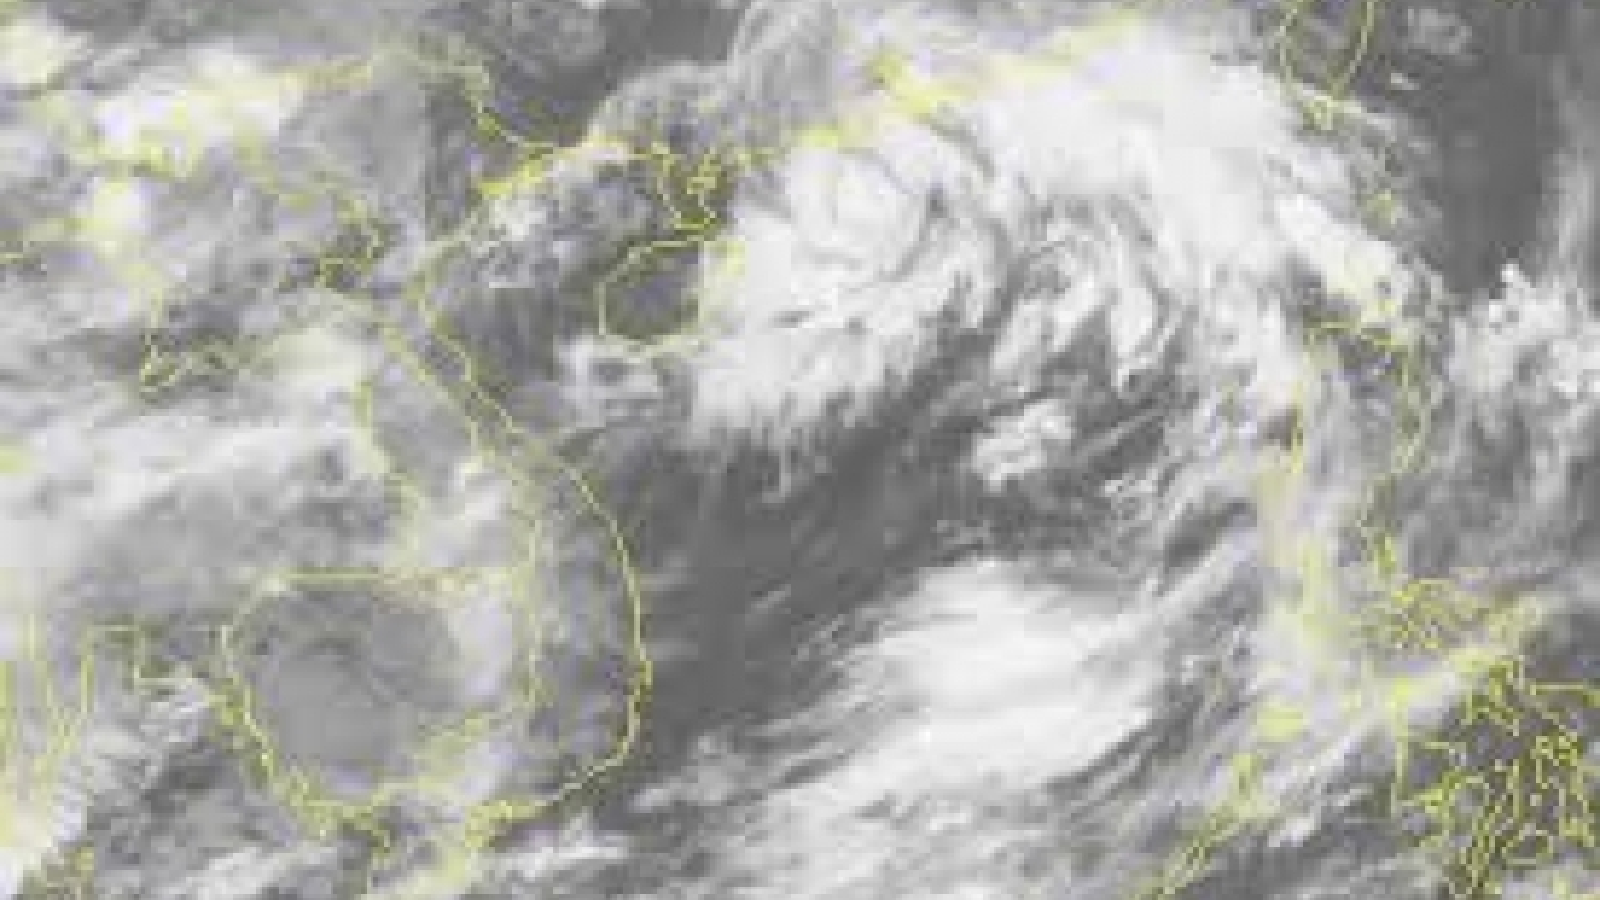 Biển Đông chuẩn bị xuất hiện áp thấp nhiệt đới hướng vào miền Trung